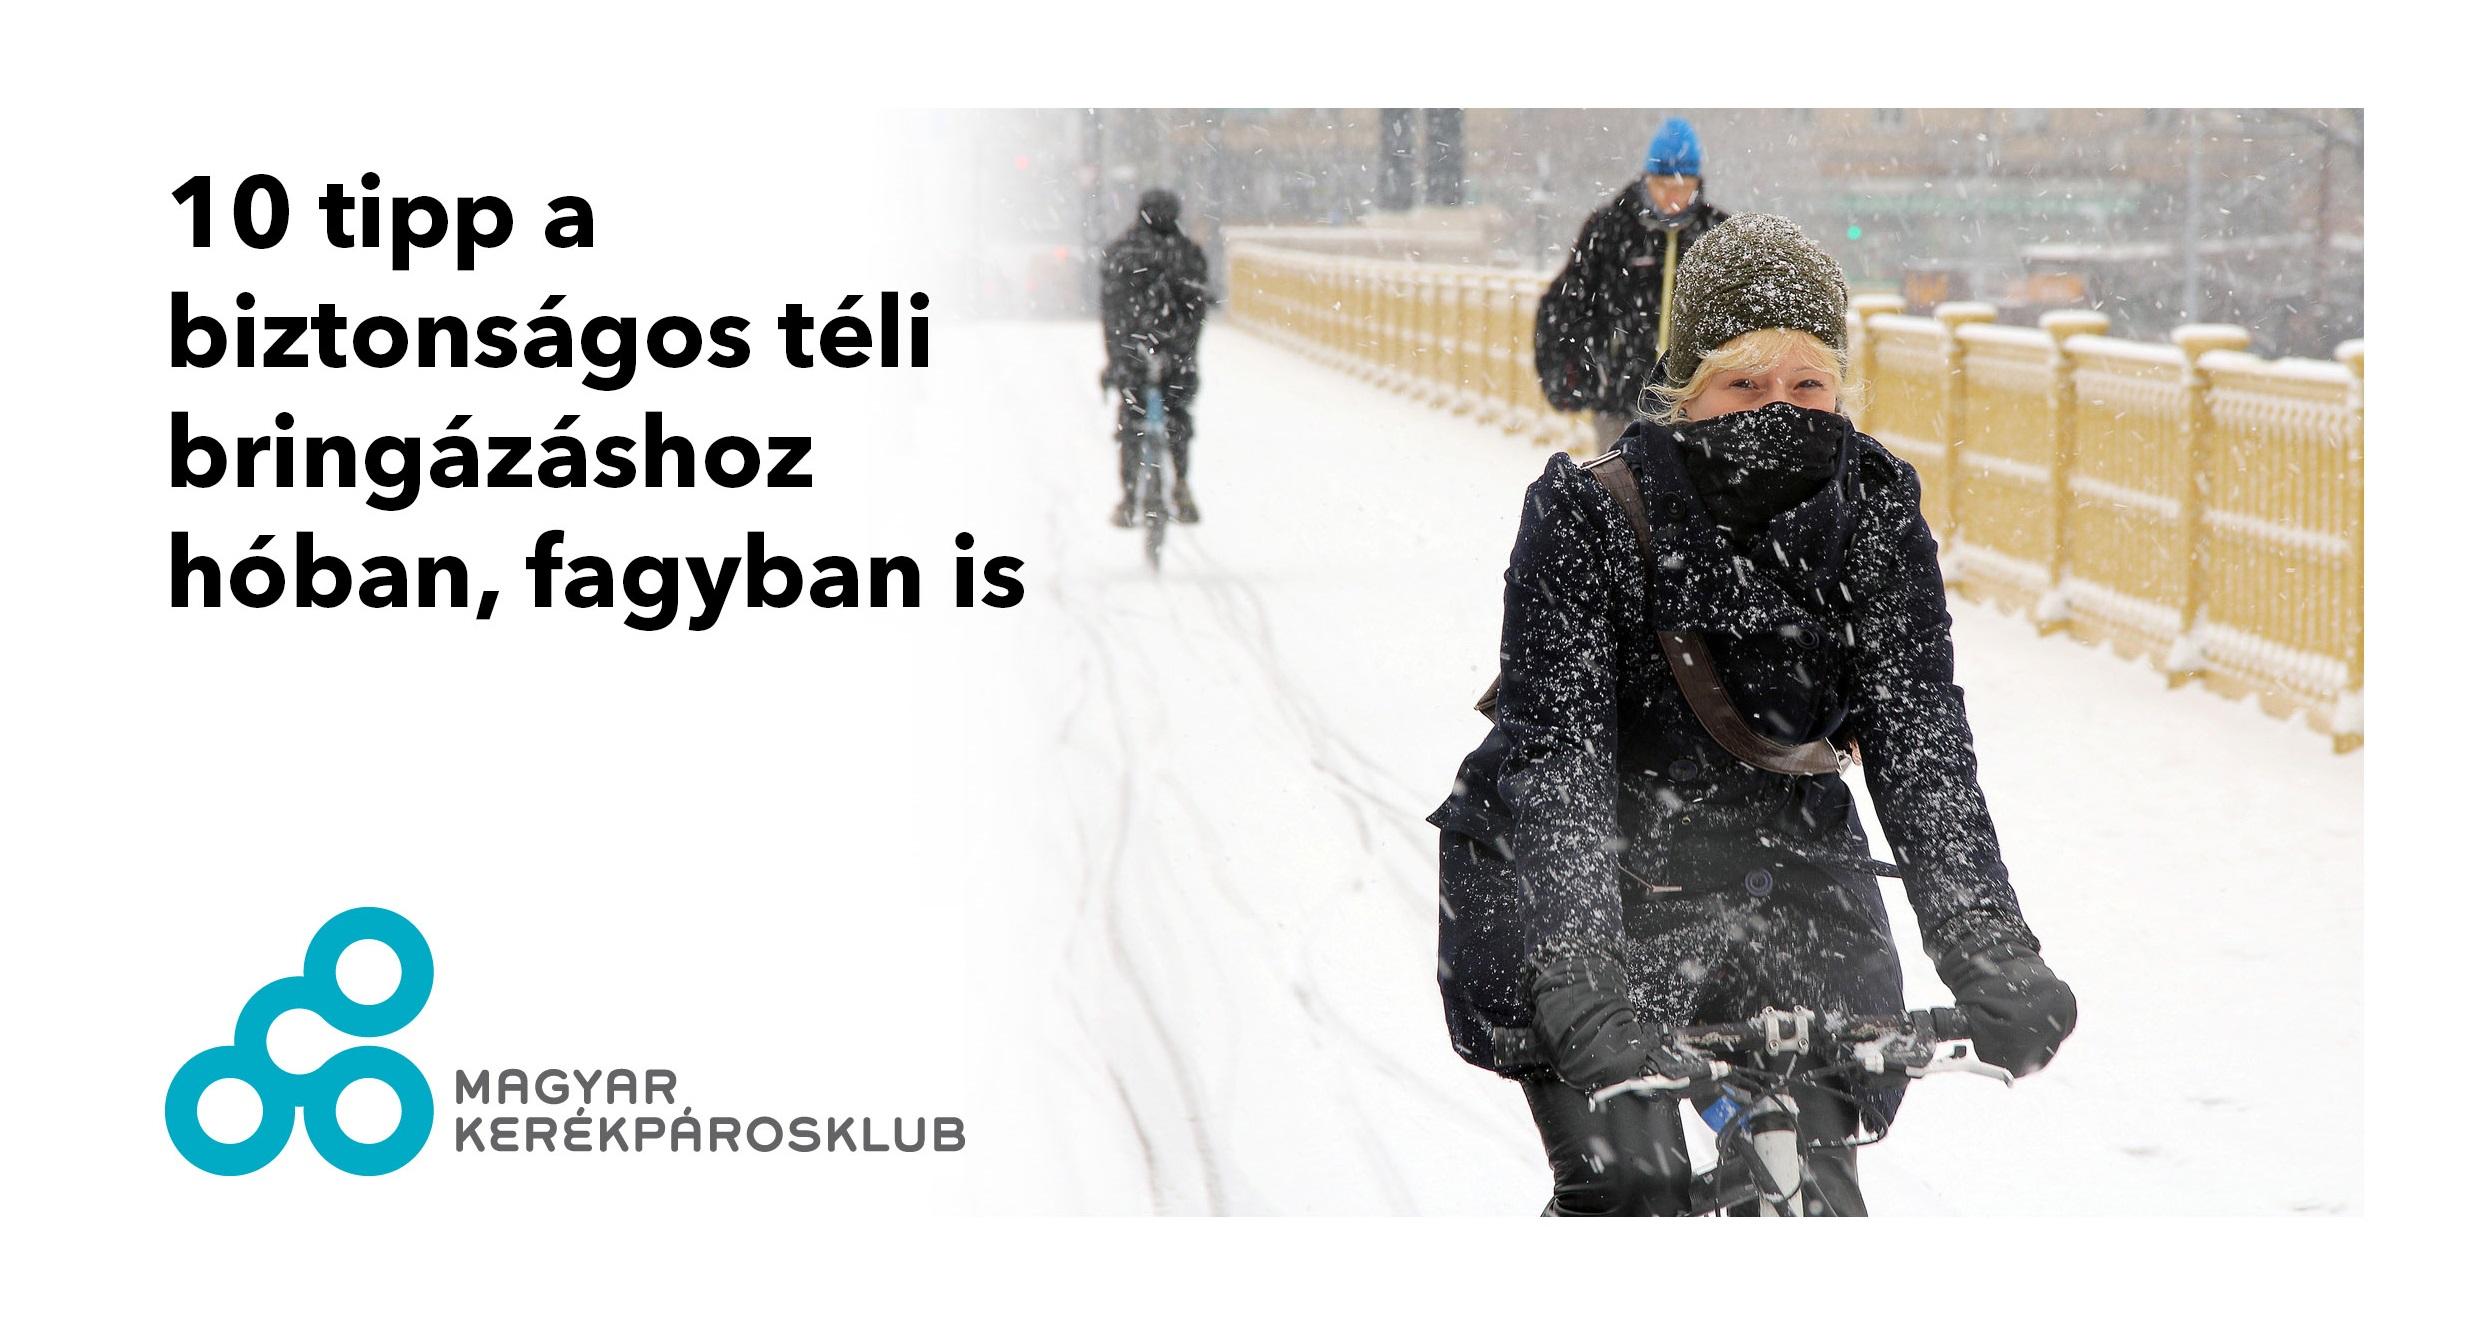 10 tipp a biztonságos téli bringázáshoz hóban, fagyban is